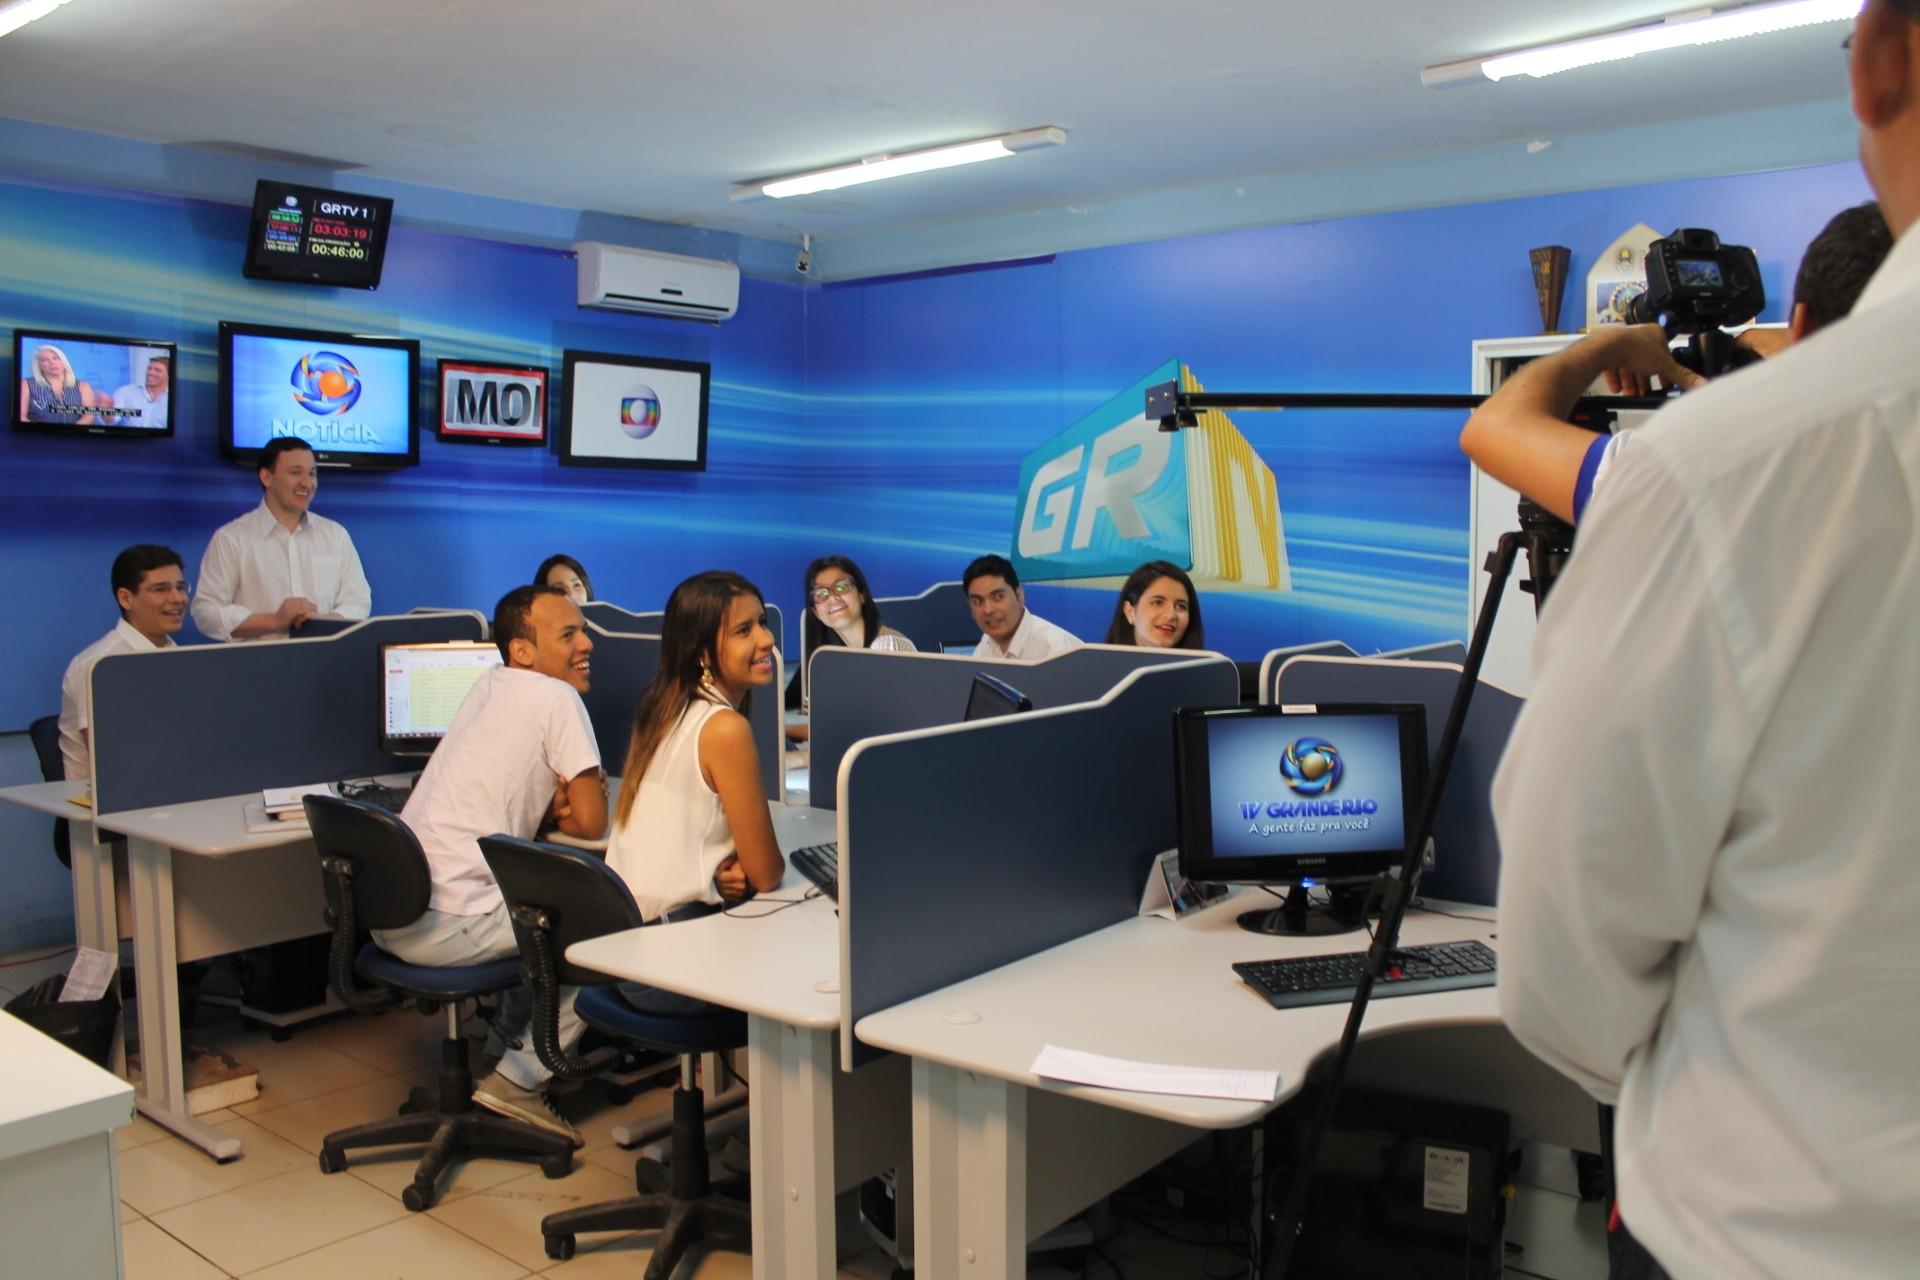 Equipe de jornalismo soltou a voz durante a gravação (Foto: Gabriela Canário)